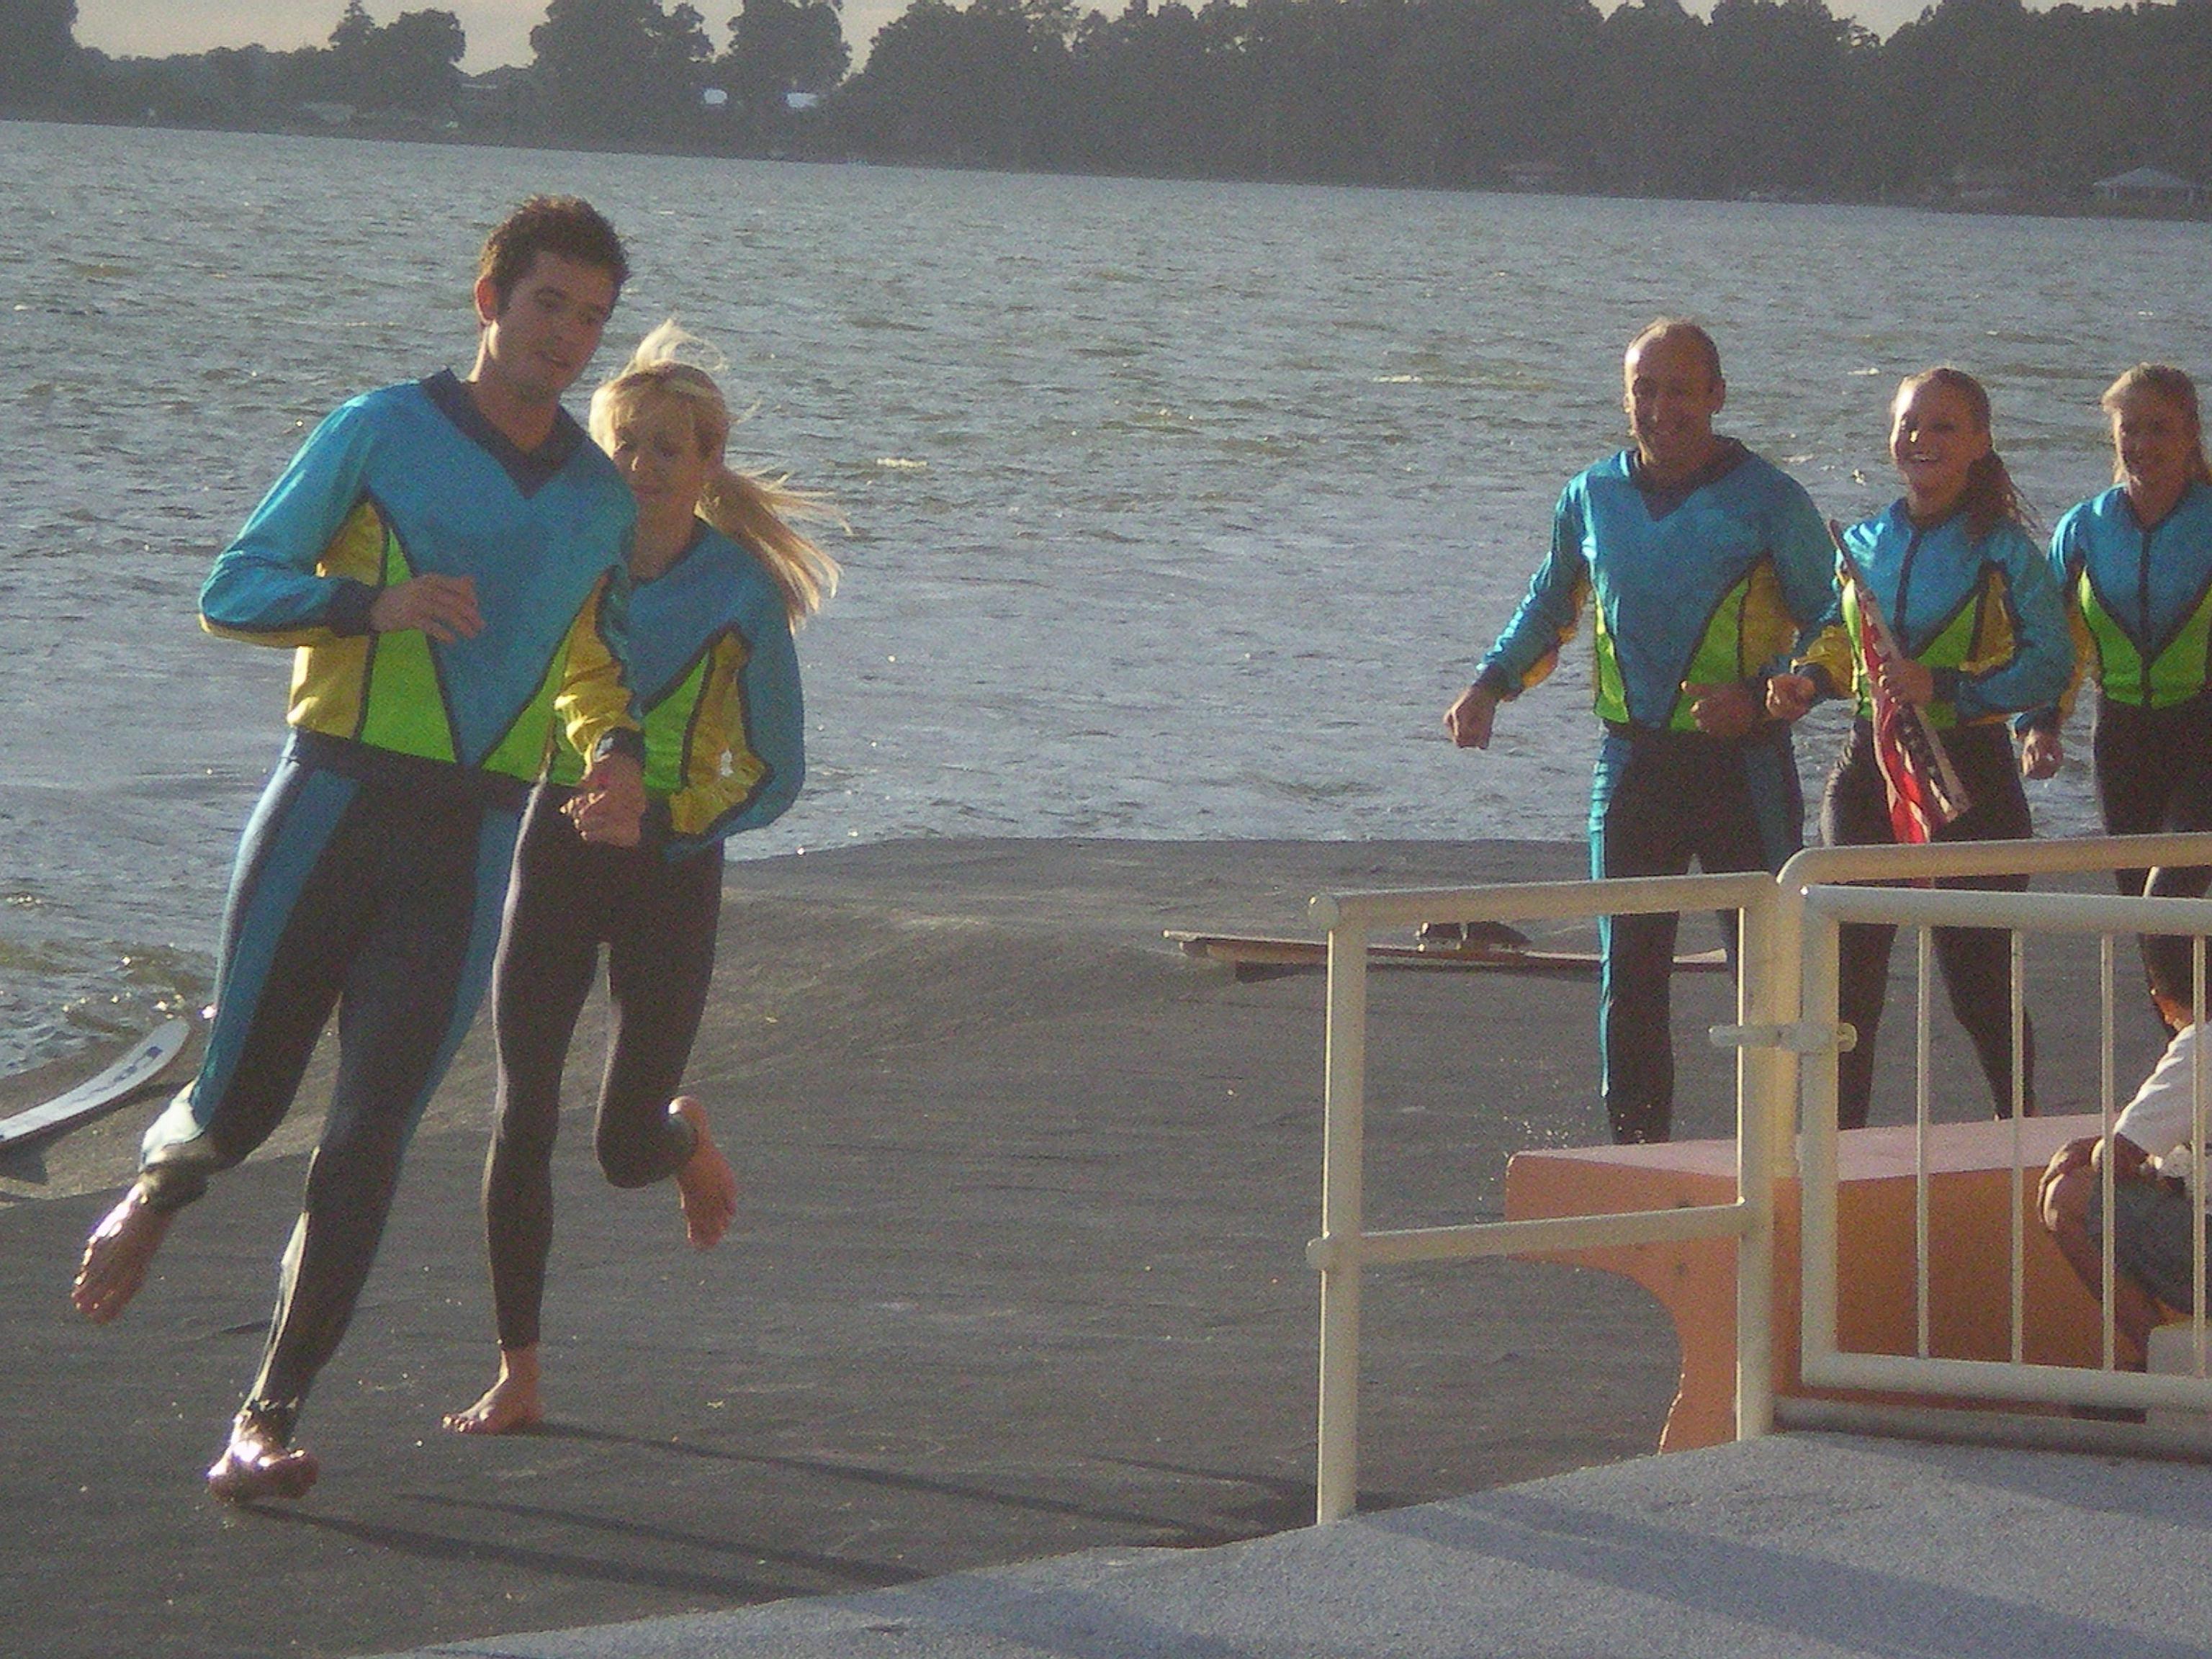 Aquamaids and Ski Show, Cypress Gardens